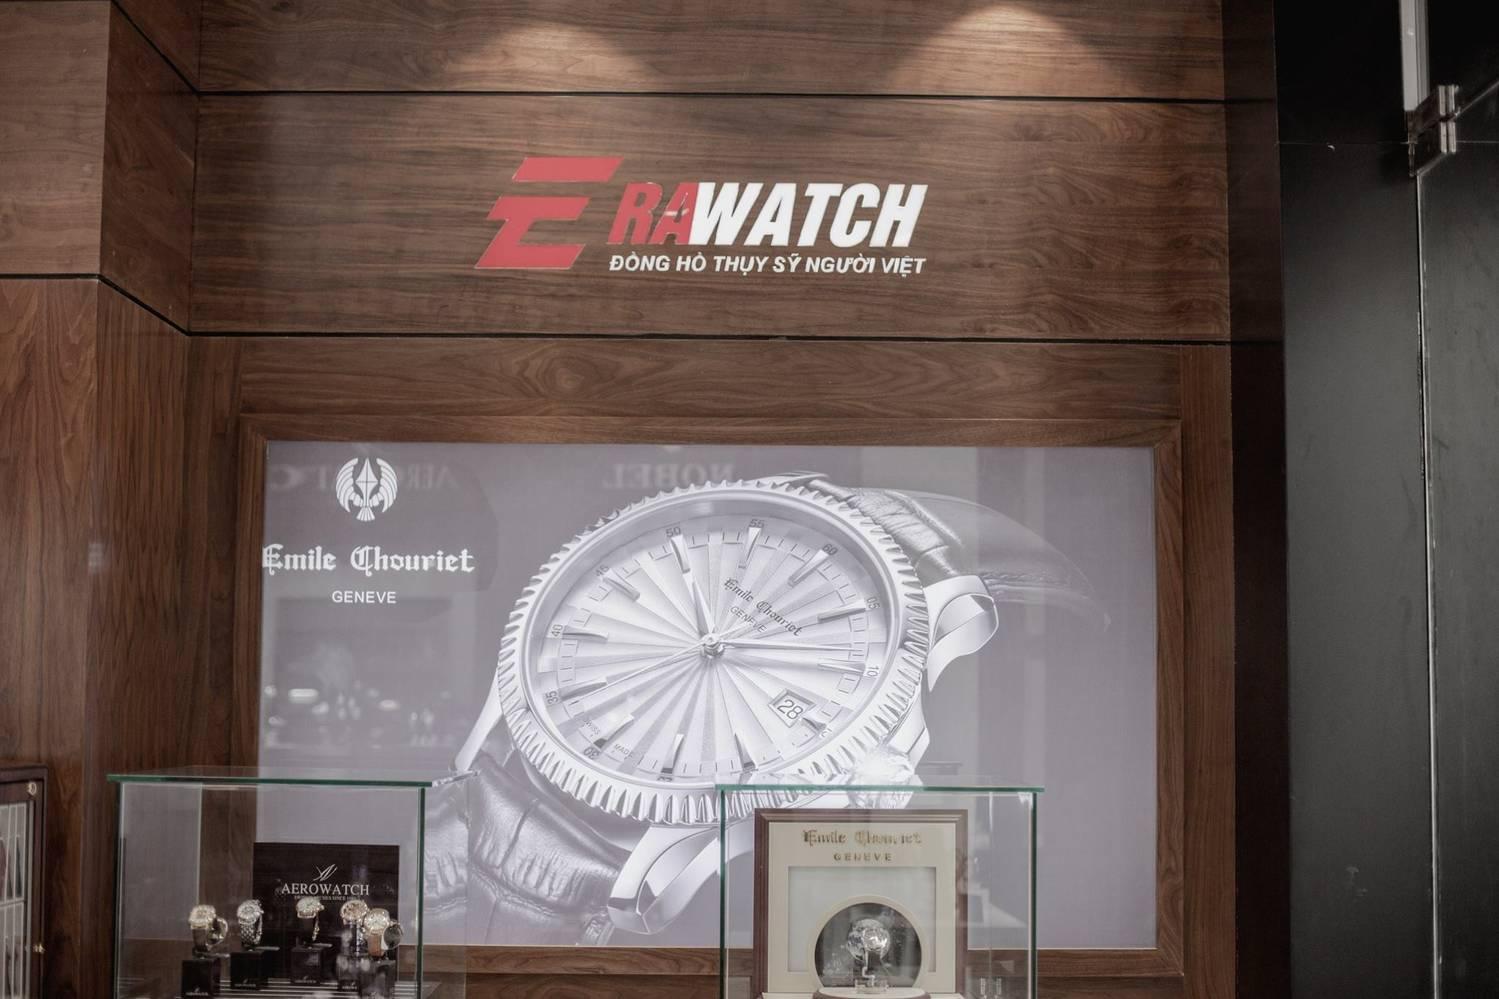 Cửa hàng phân phối đồng hồ Emile chouriet chính hãng Erawatch